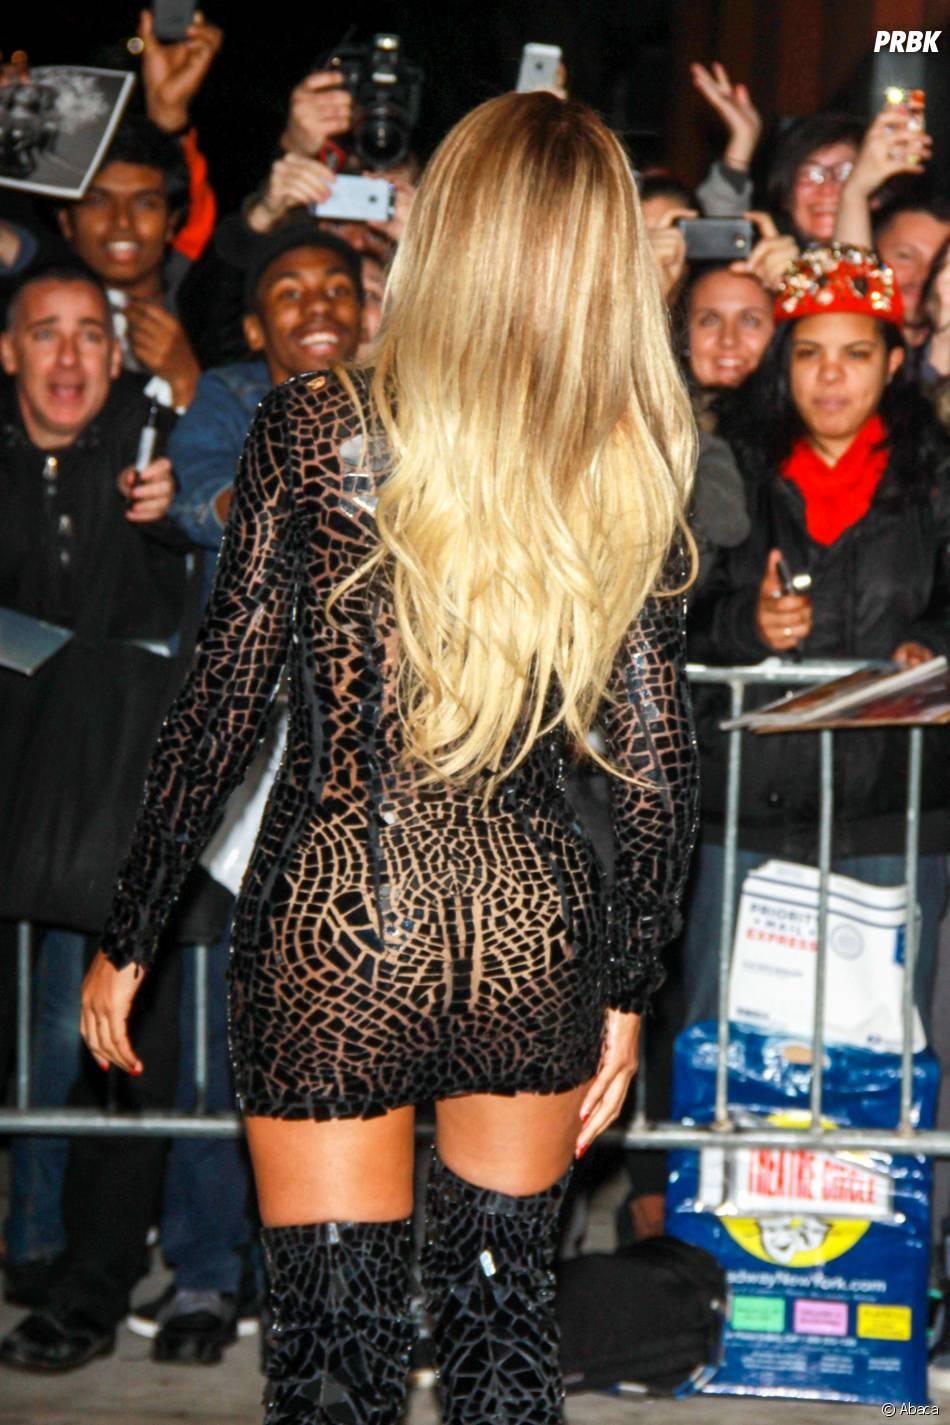 Beyoncé en mini-robe pour fêter la sortie de son nouvel album à New York le 21 décembre 2013